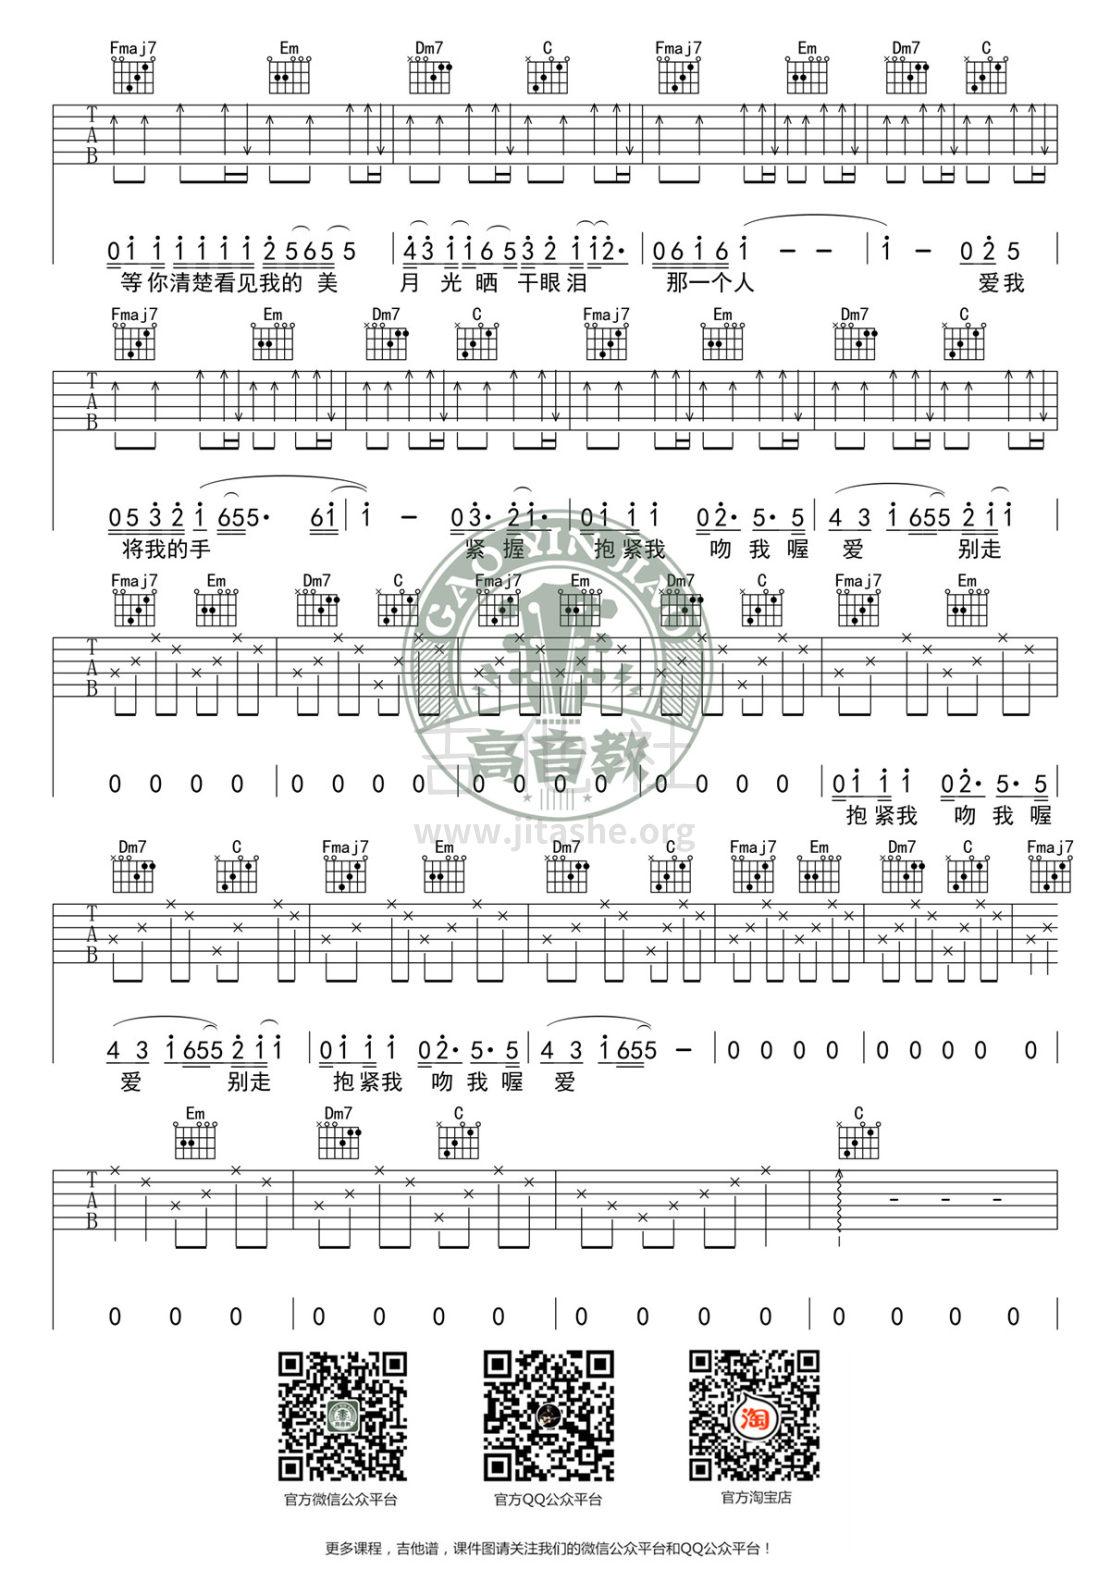 拥抱(C调标准版吉他谱高清版 高音教编配)吉他谱(图片谱,C调,弹唱)_五月天(Mayday)_吉他谱《拥抱》C调标准版02.jpg